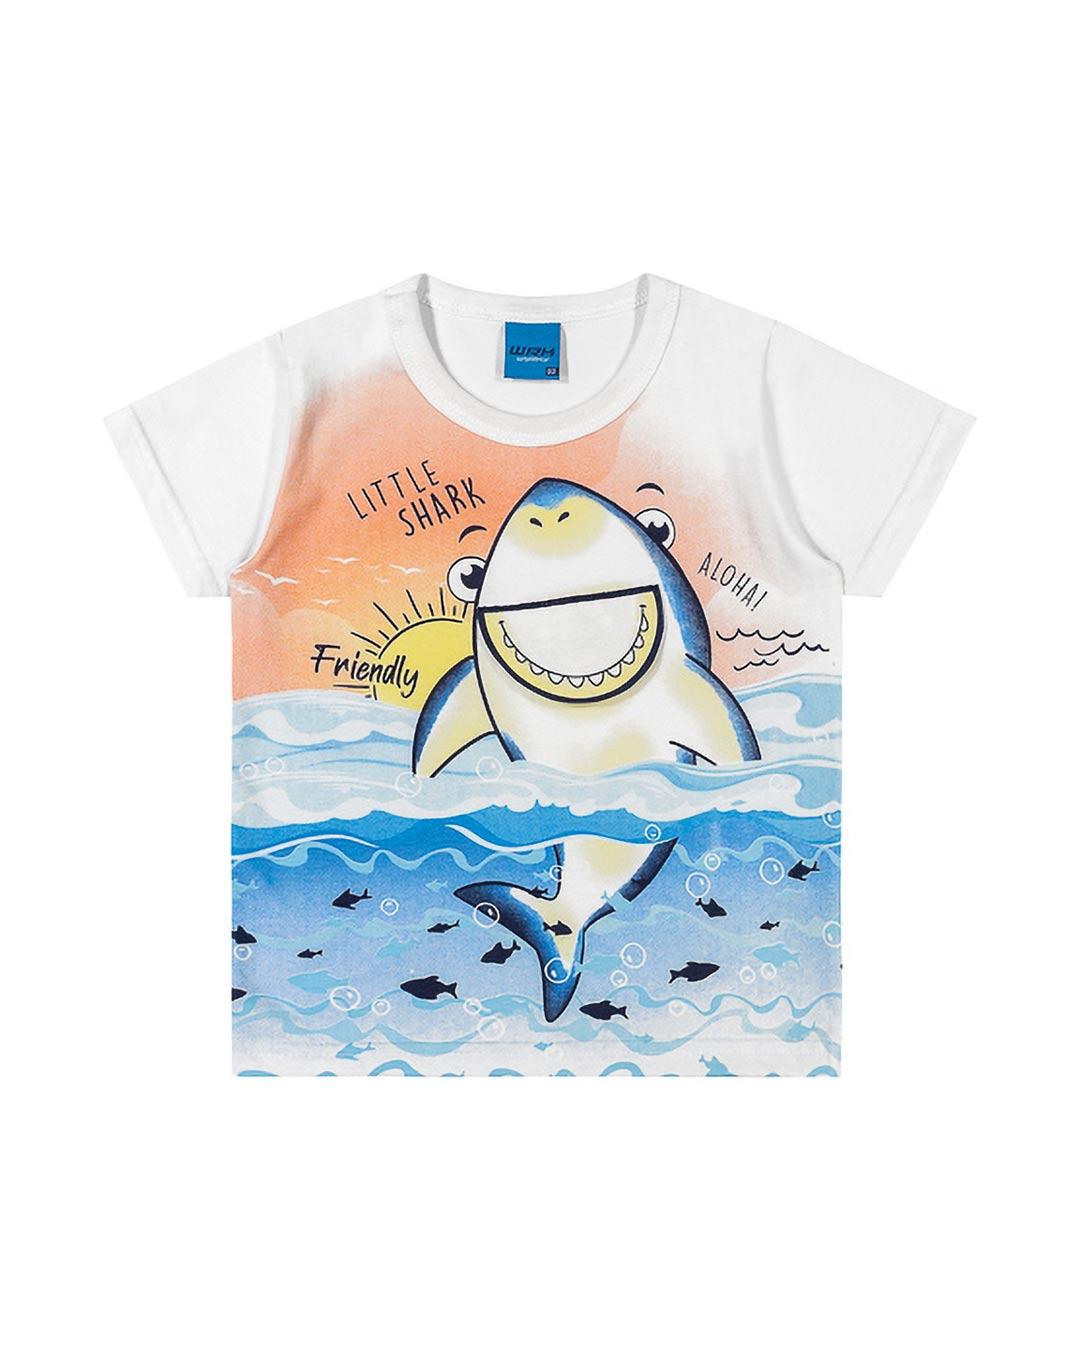 Camiseta Bebê e Infantil Little Shark - WRK